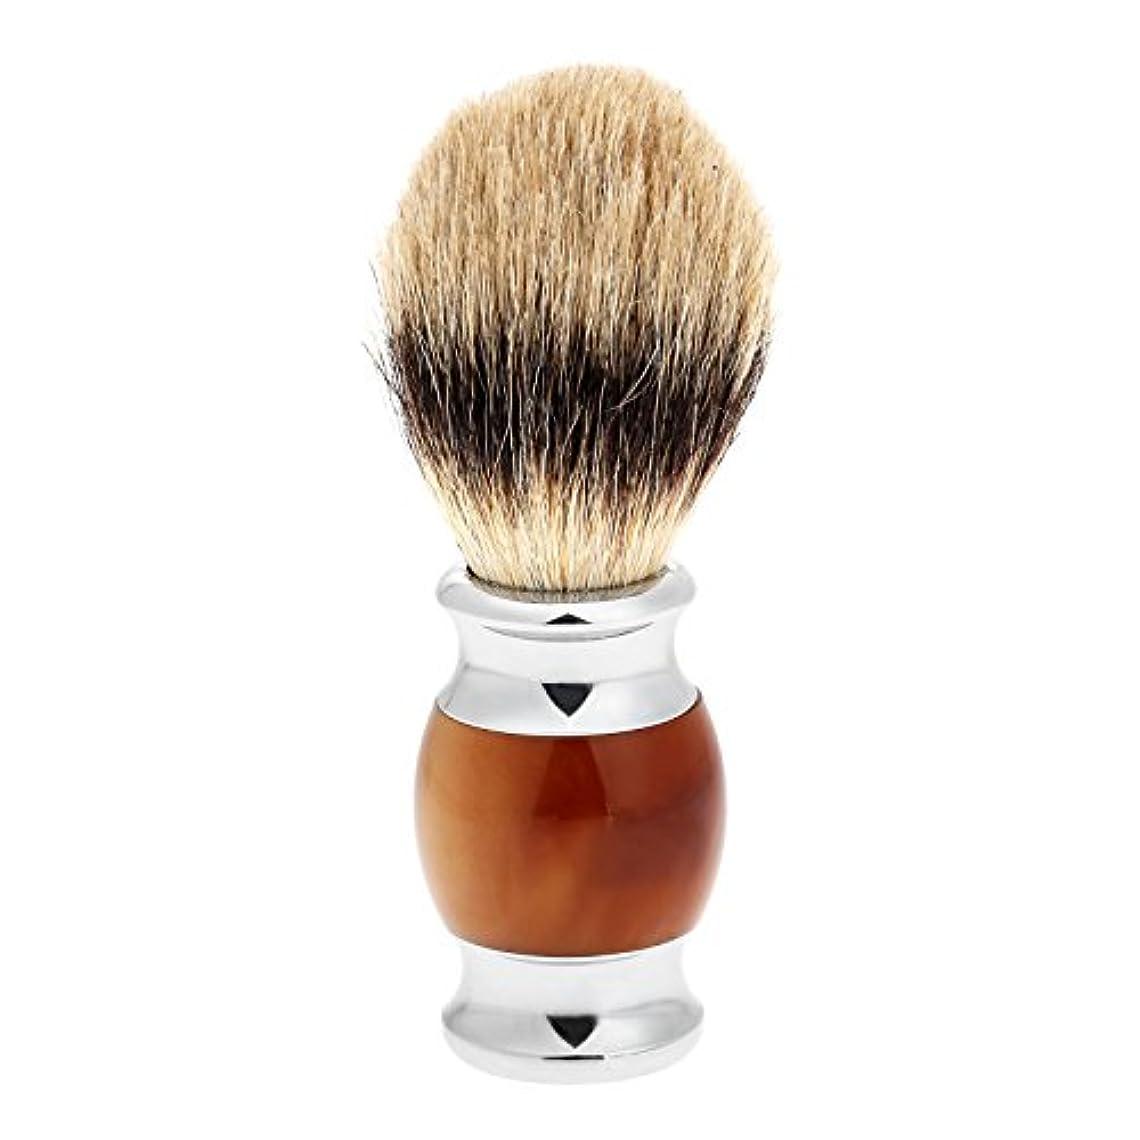 月遺産アイドル1PC メンズ ひげブラシ アナグマ毛 シェービングブラシ バーバー シェービング用ブラシ 理容 洗顔 髭剃り